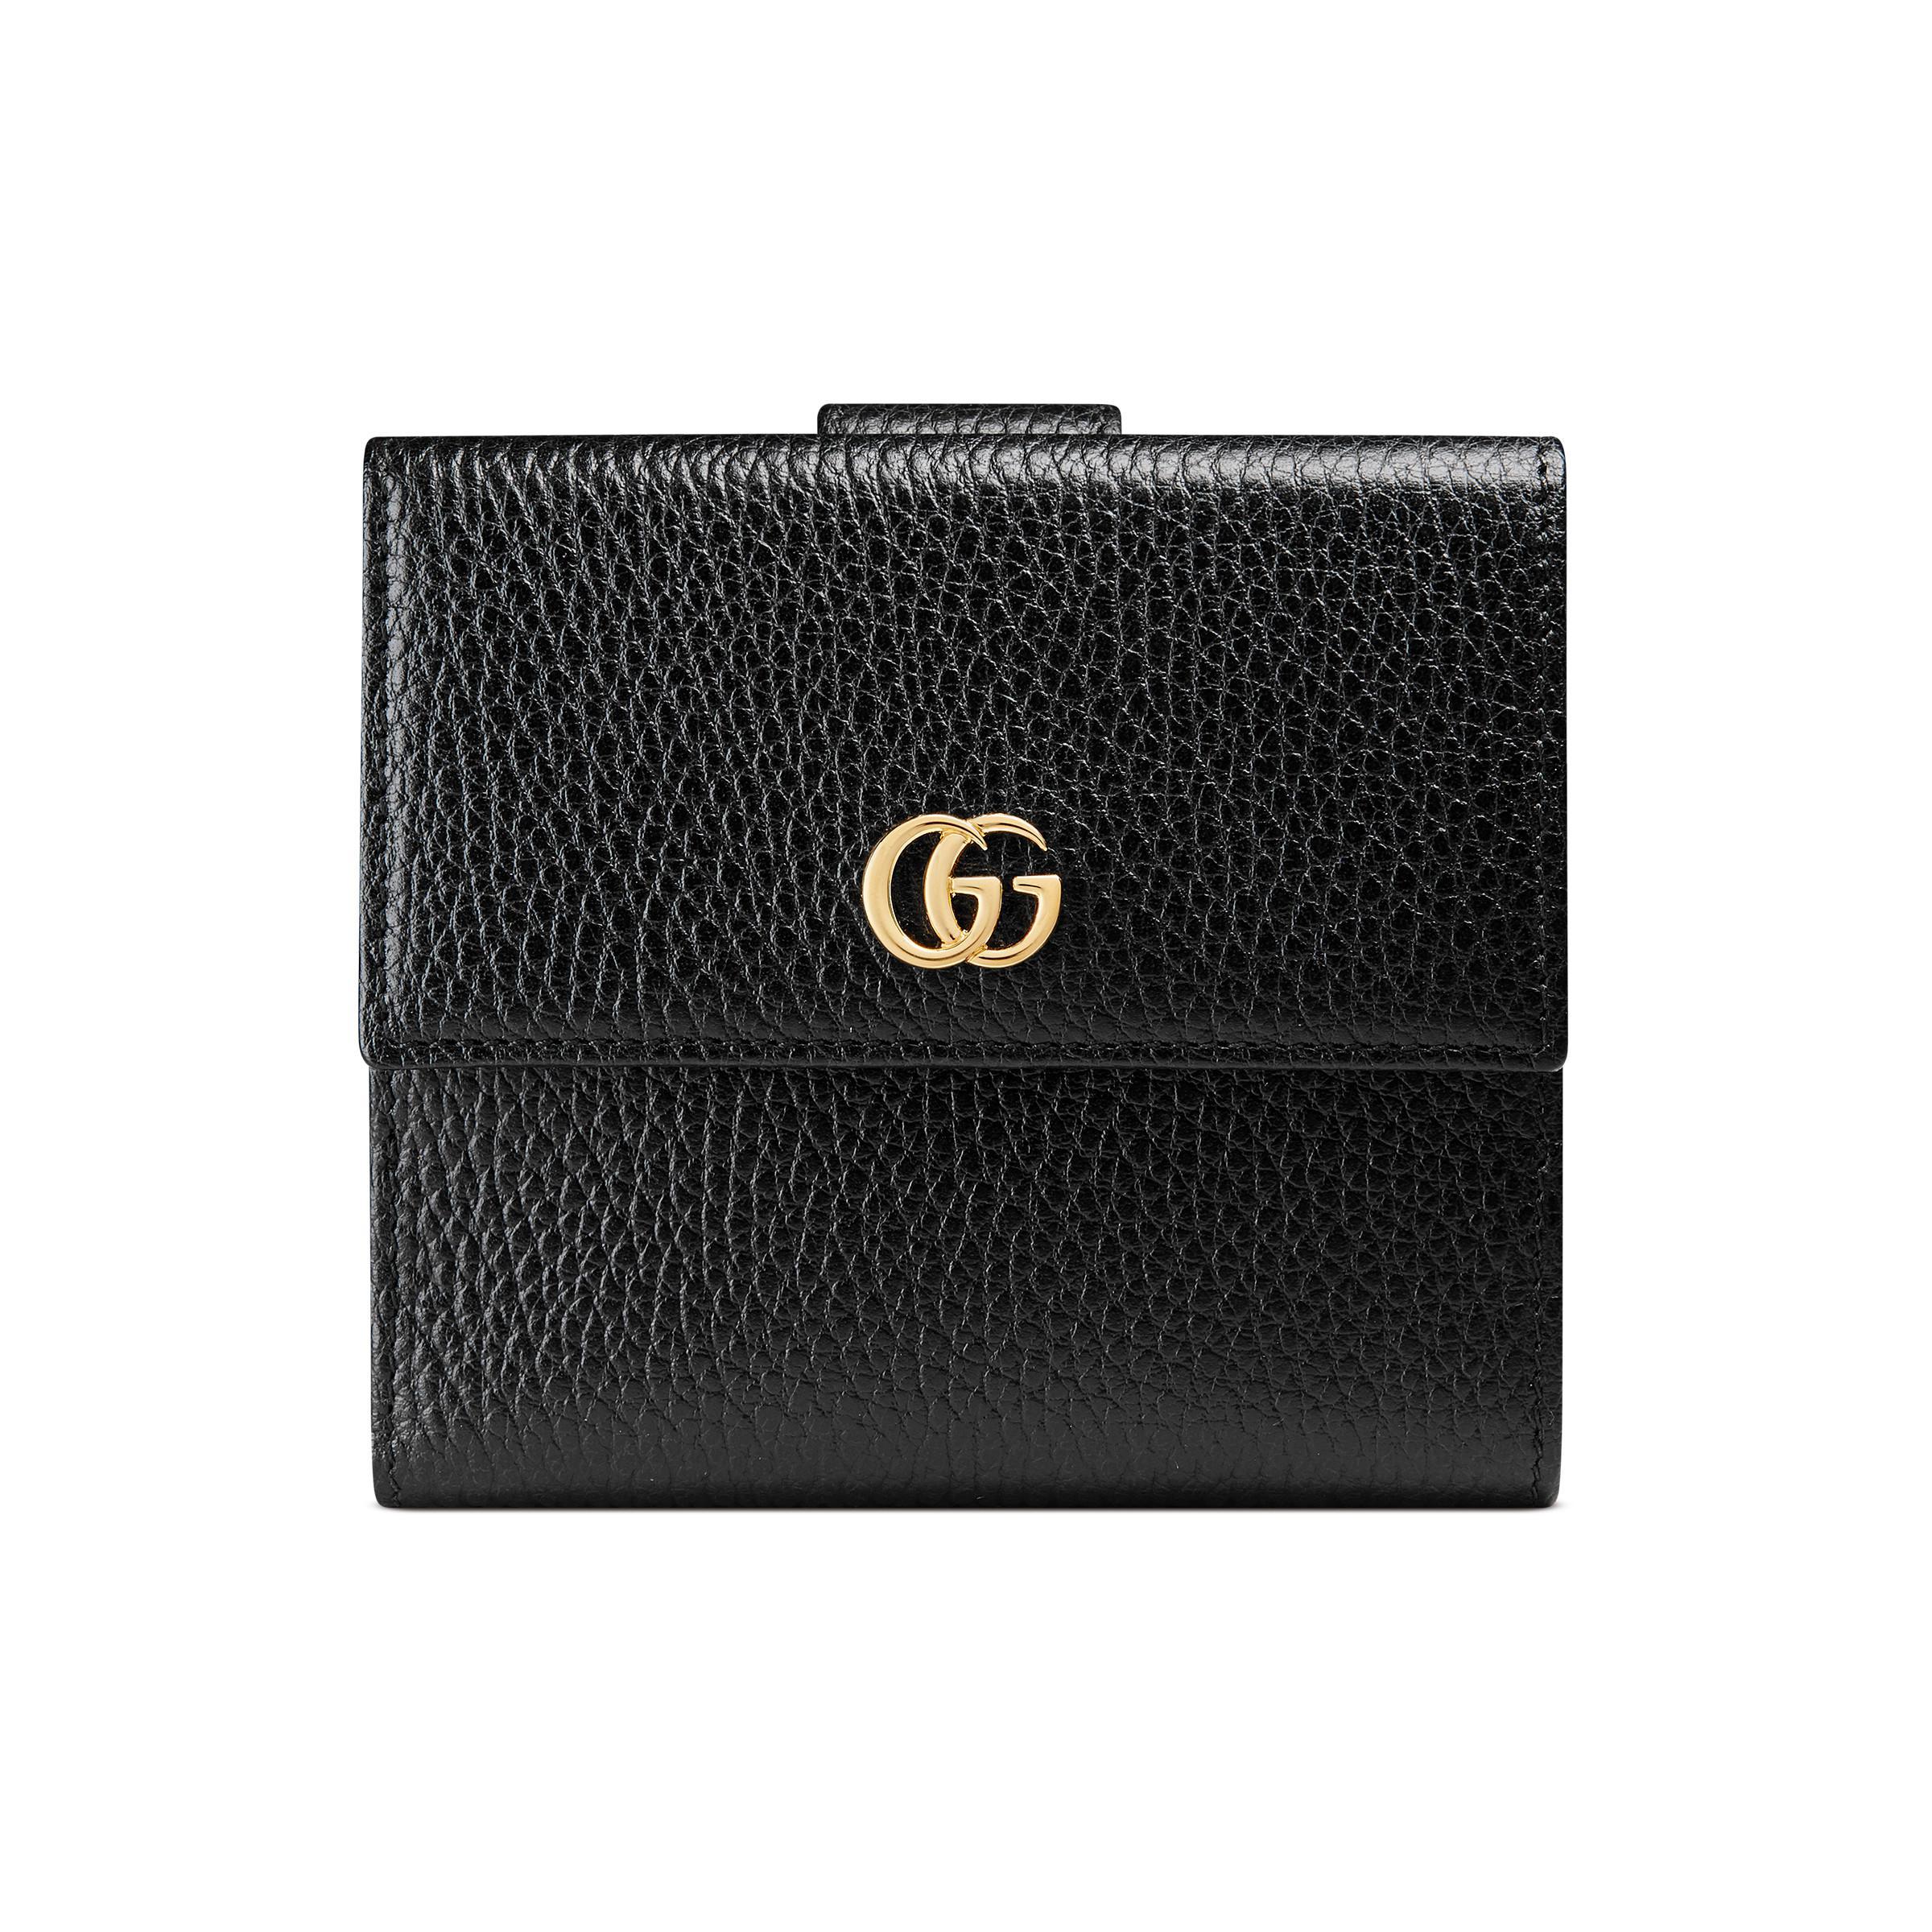 4f89f370f18f Gucci Bow Signature Wallet in Black - Lyst